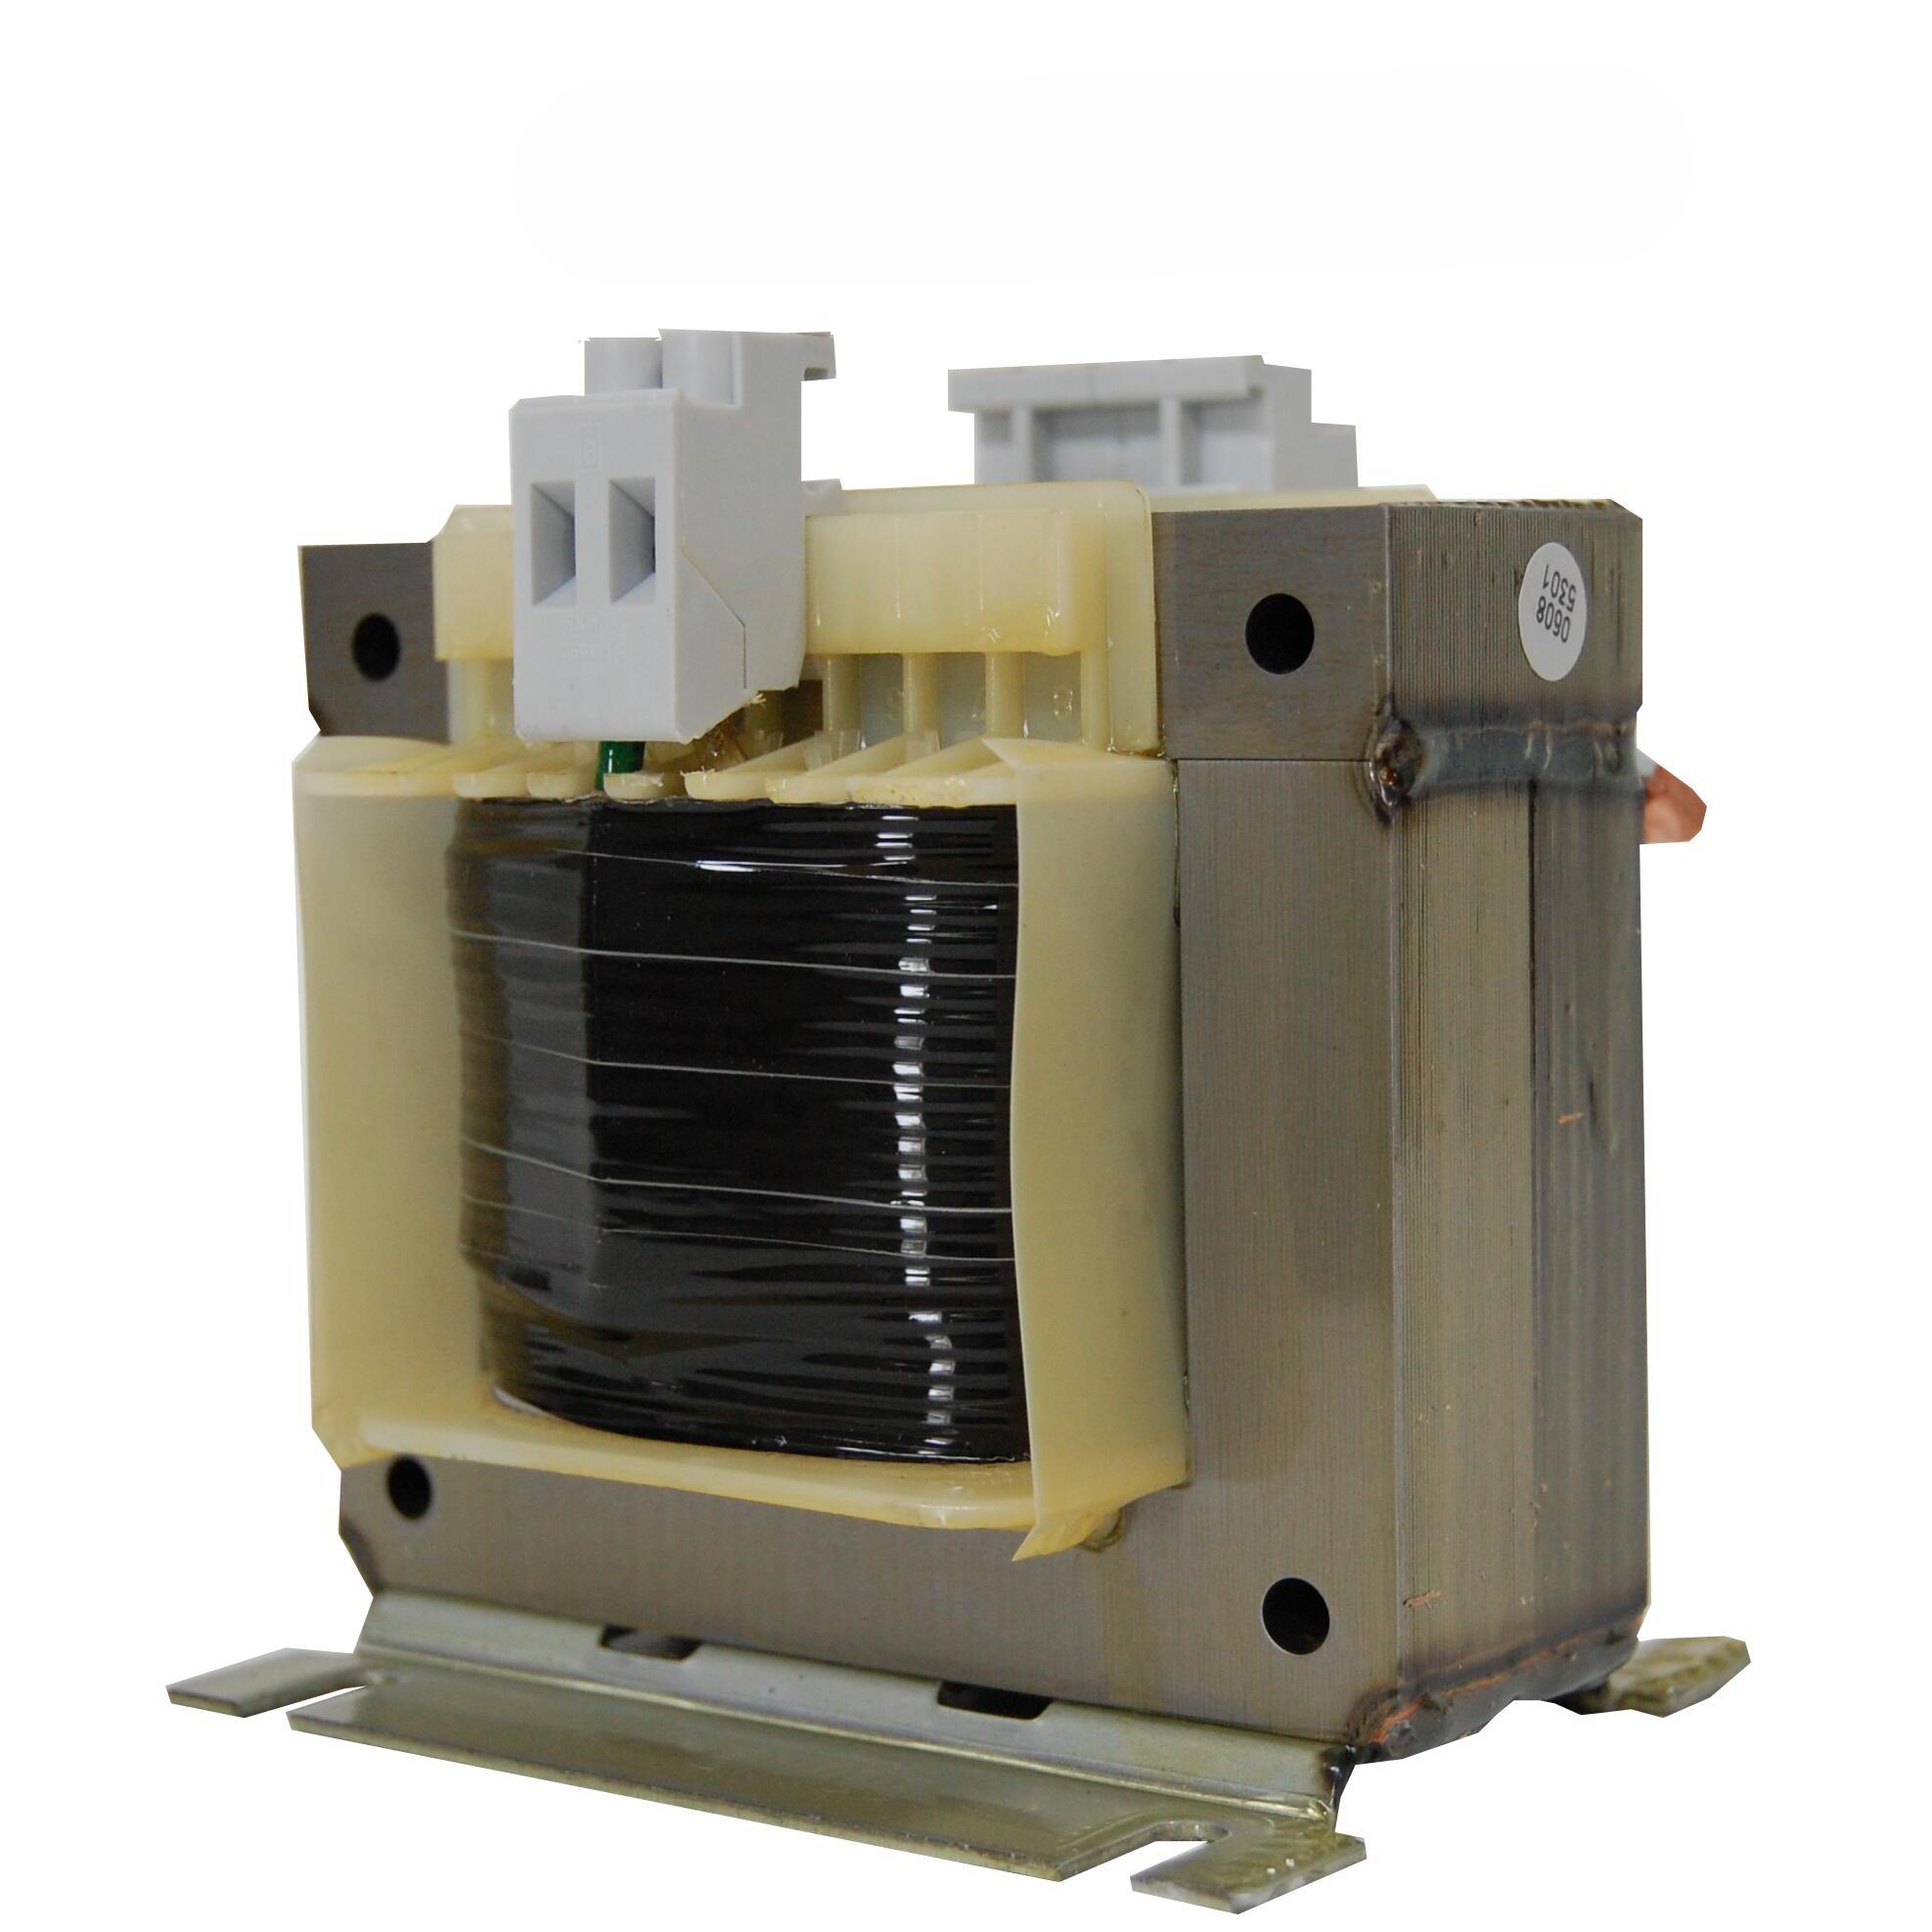 1 Stk Einphasen Steuertransformator 230/230V, 1000VA, IP00 LP605100T-